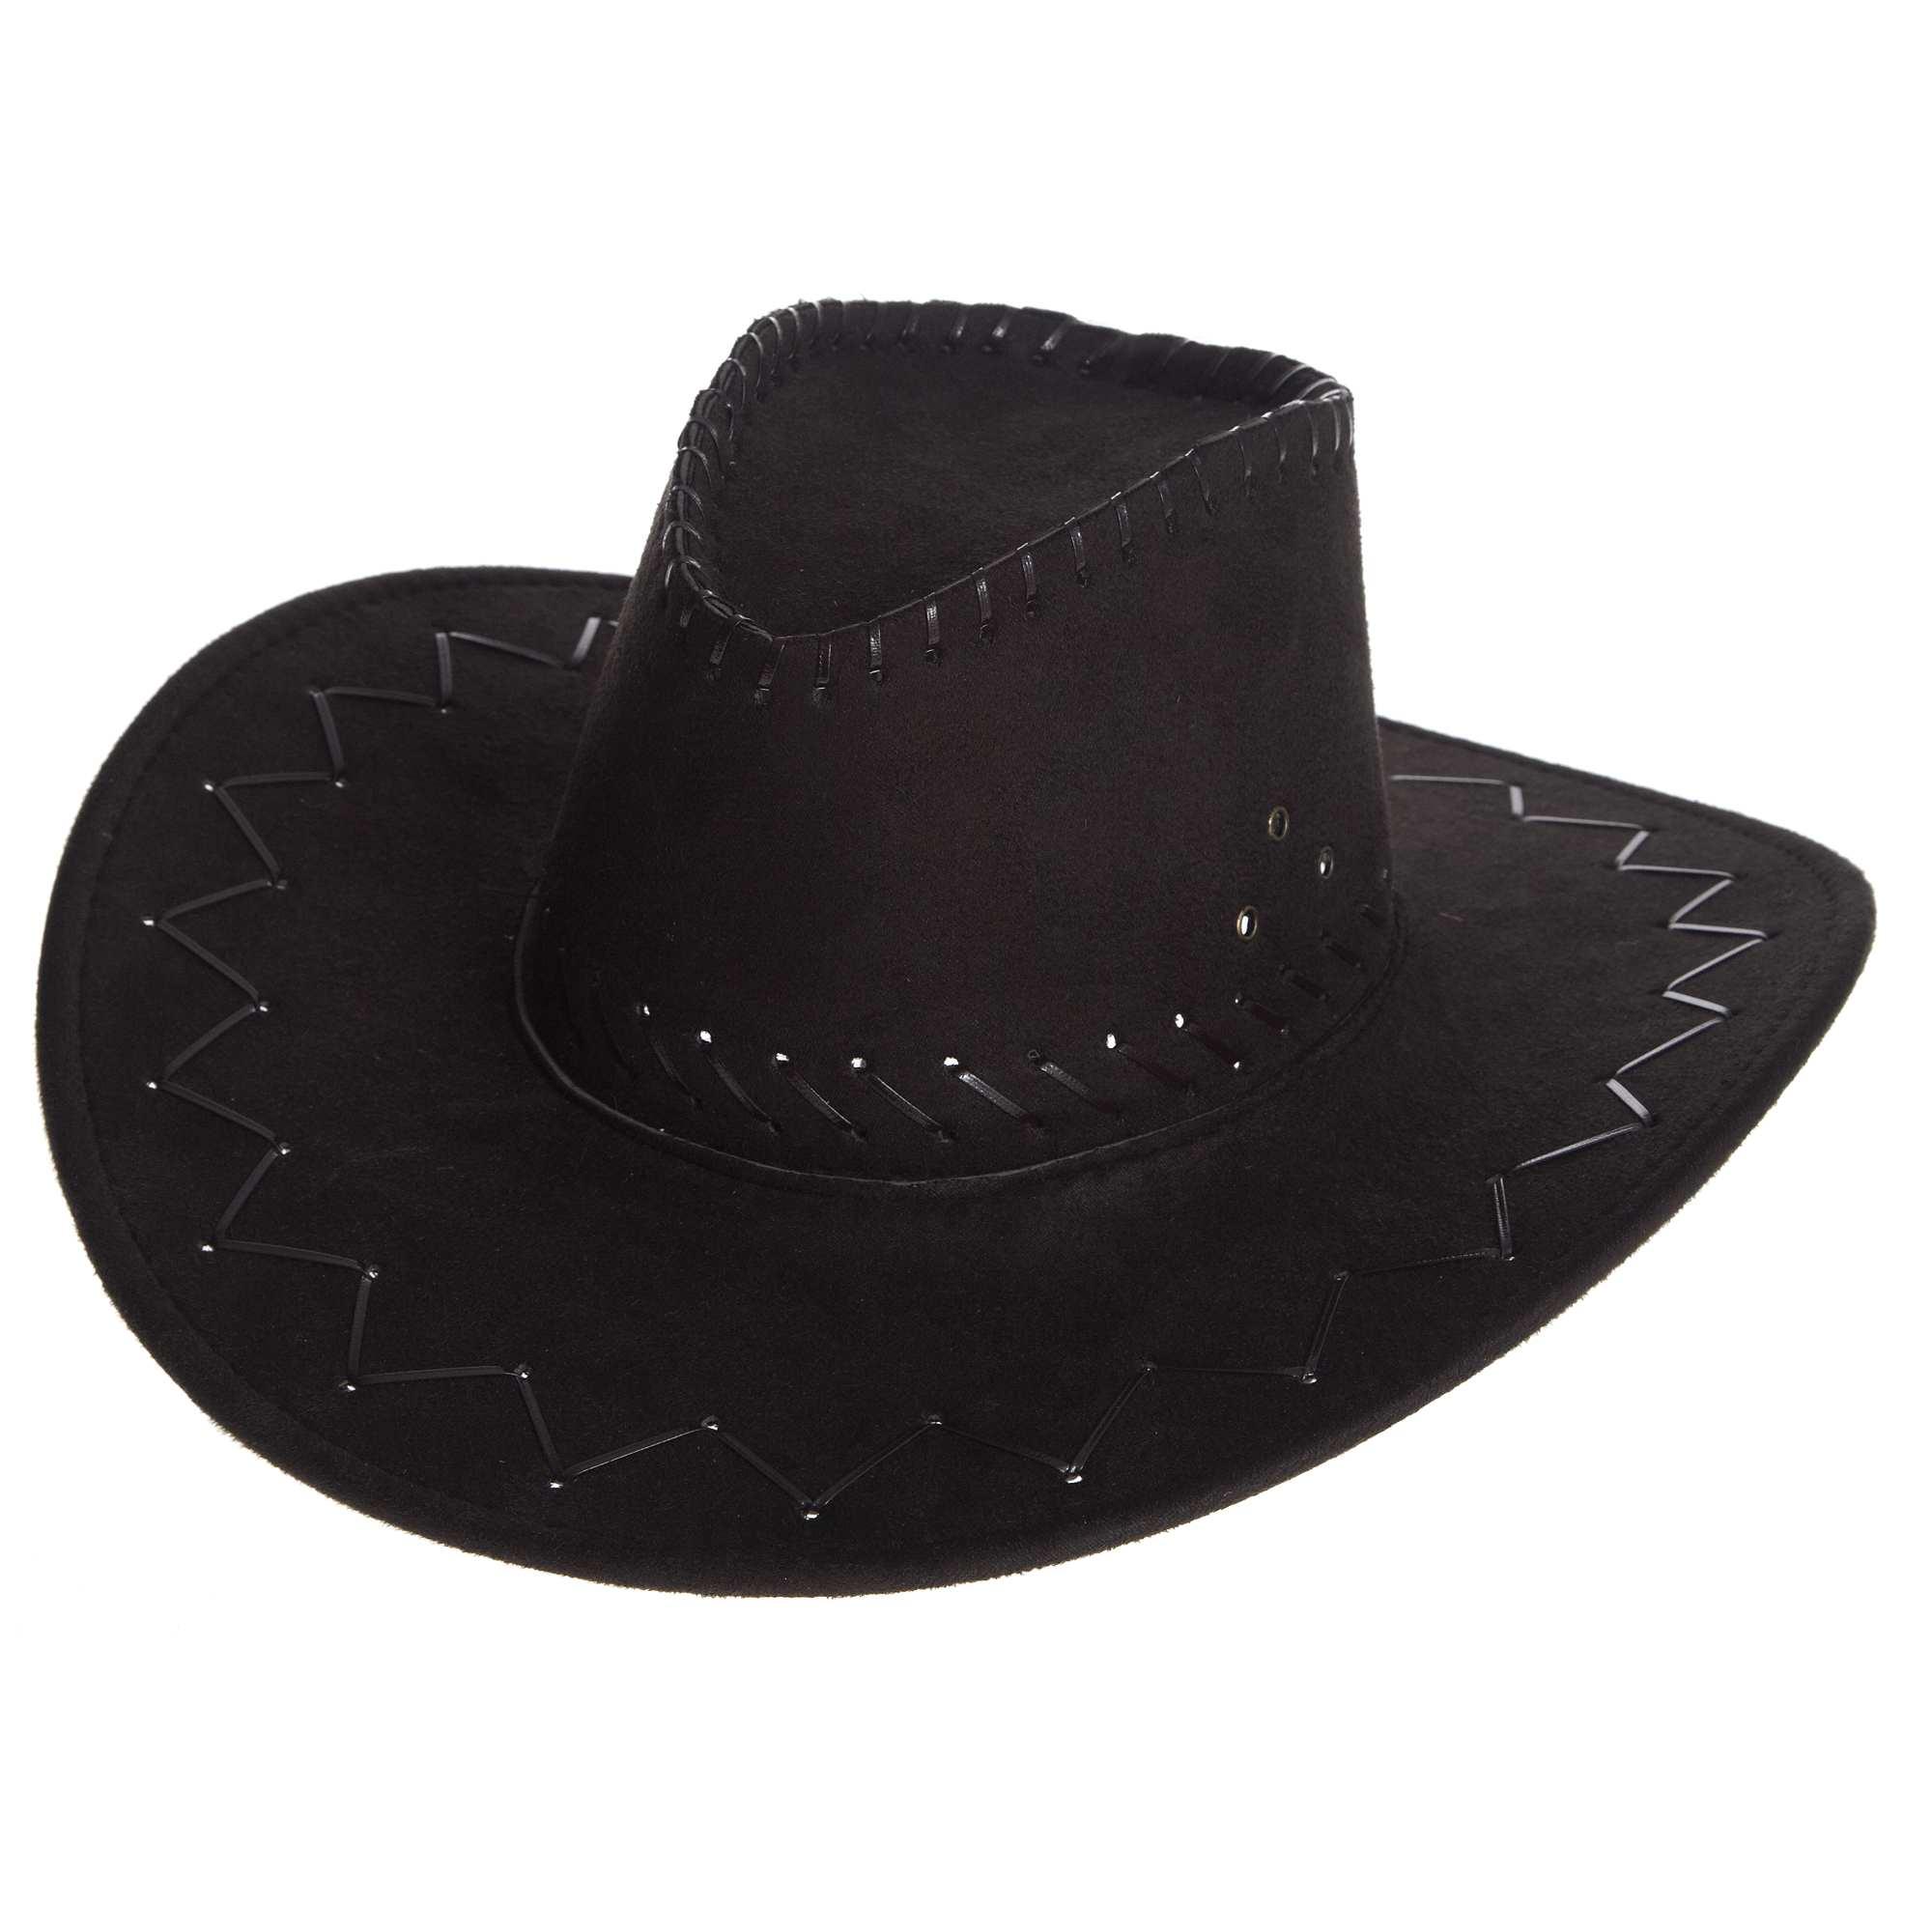 chapeau de cow boy homme noir kiabi 5 00. Black Bedroom Furniture Sets. Home Design Ideas